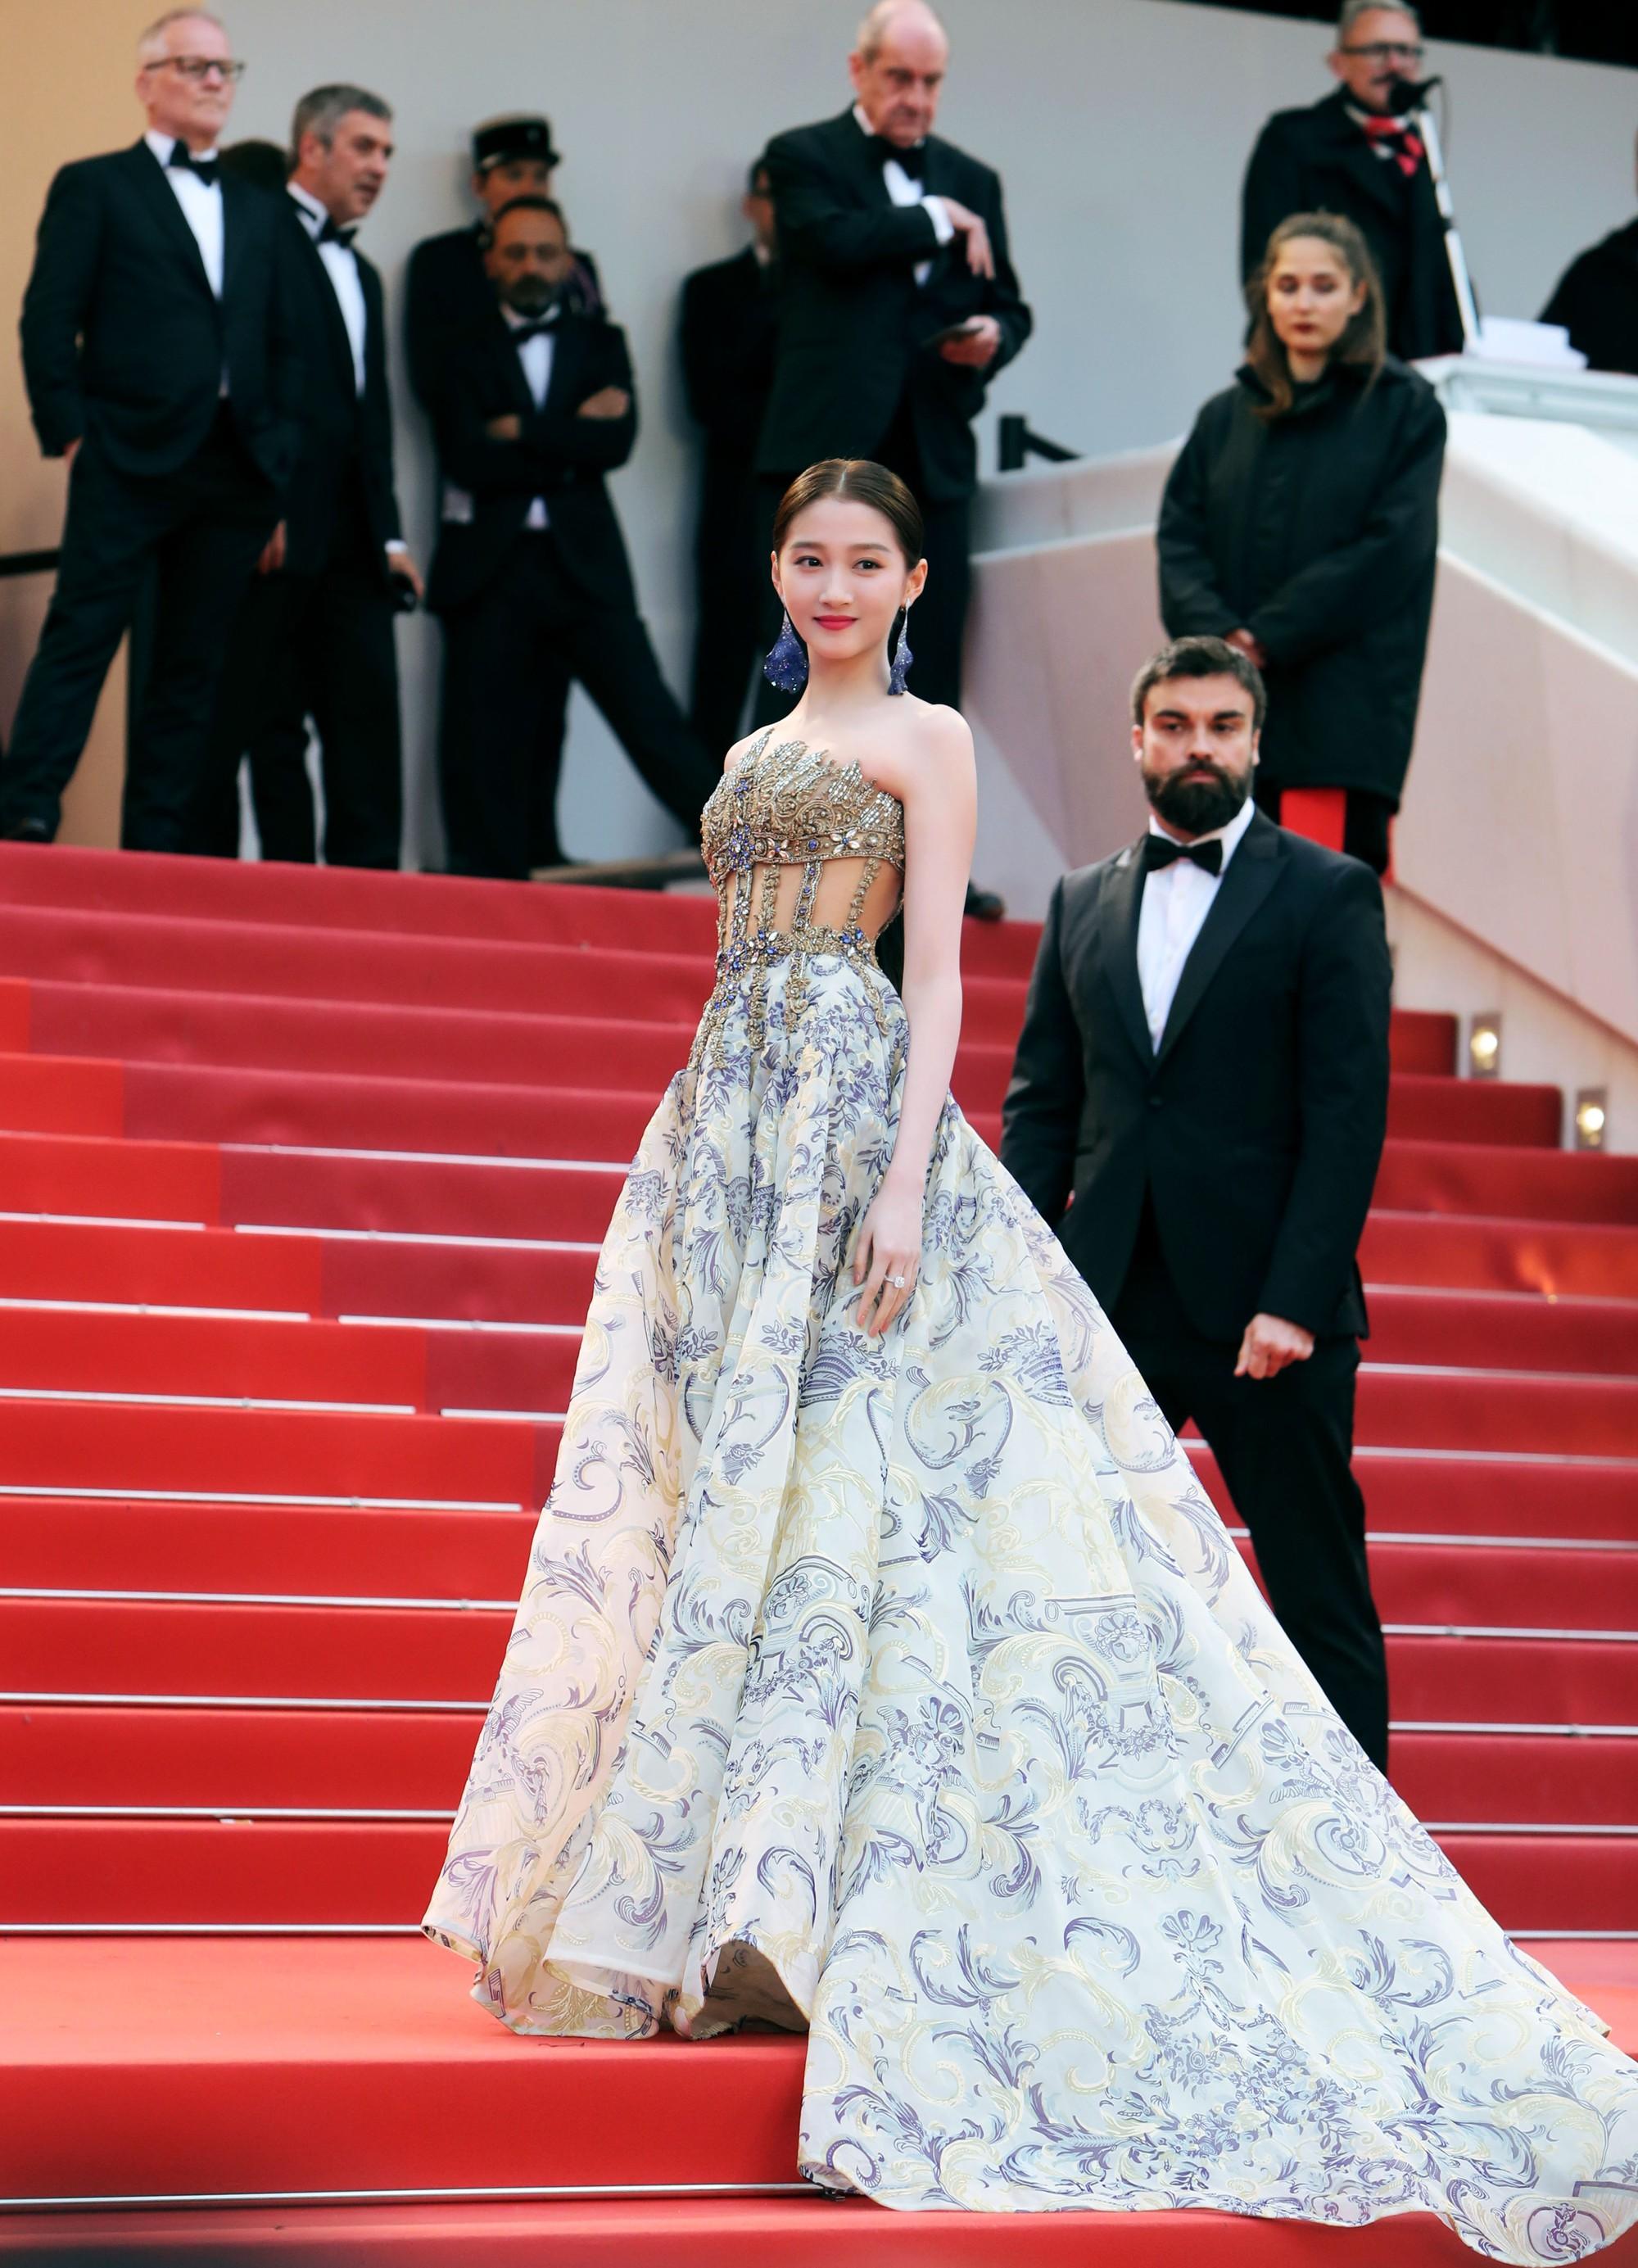 Không có Phạm Băng Băng, đây là nữ thần Trung Quốc đẹp nao lòng, gây bão với truyền thông quốc tế tại Cannes - Ảnh 2.